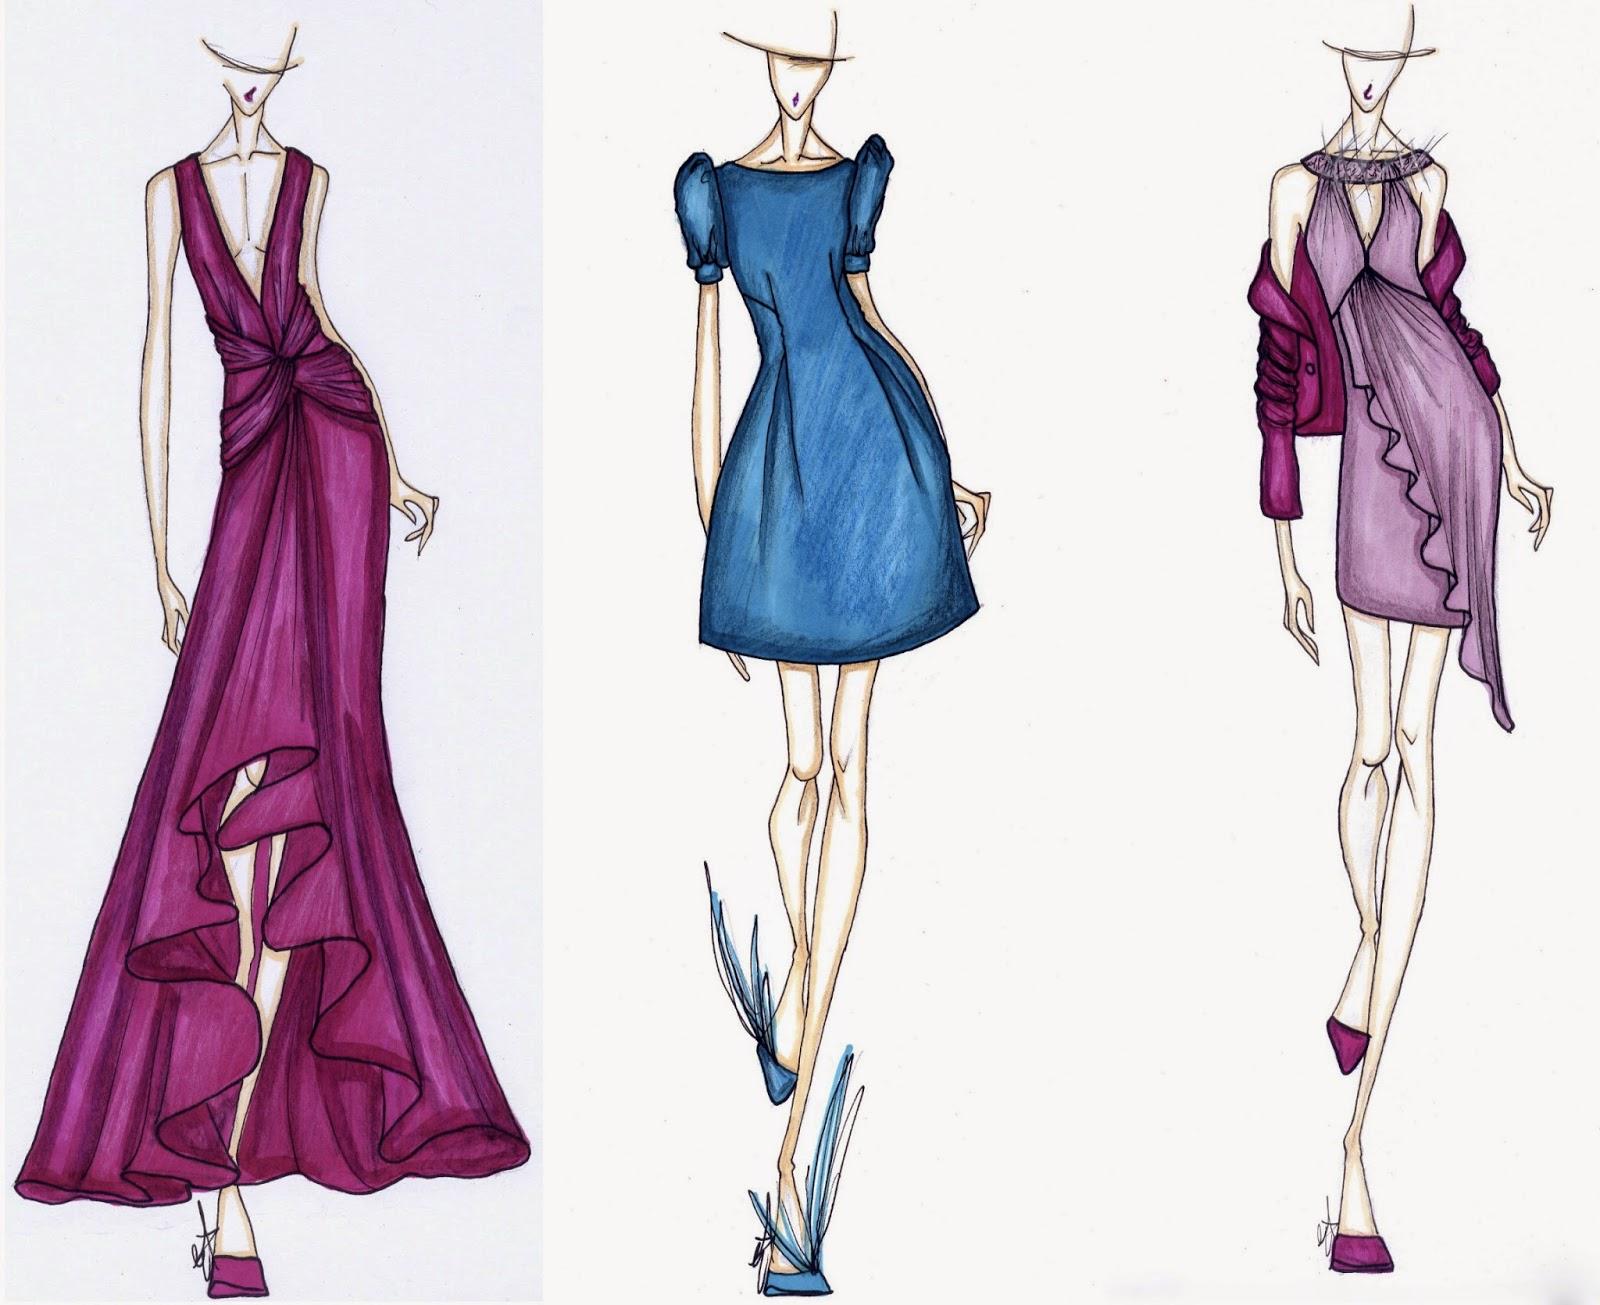 Favoloso Scuola moda VEZZA : NUOVI CORSI DI UFFICIO STILE E FIGURINO AD  NX66